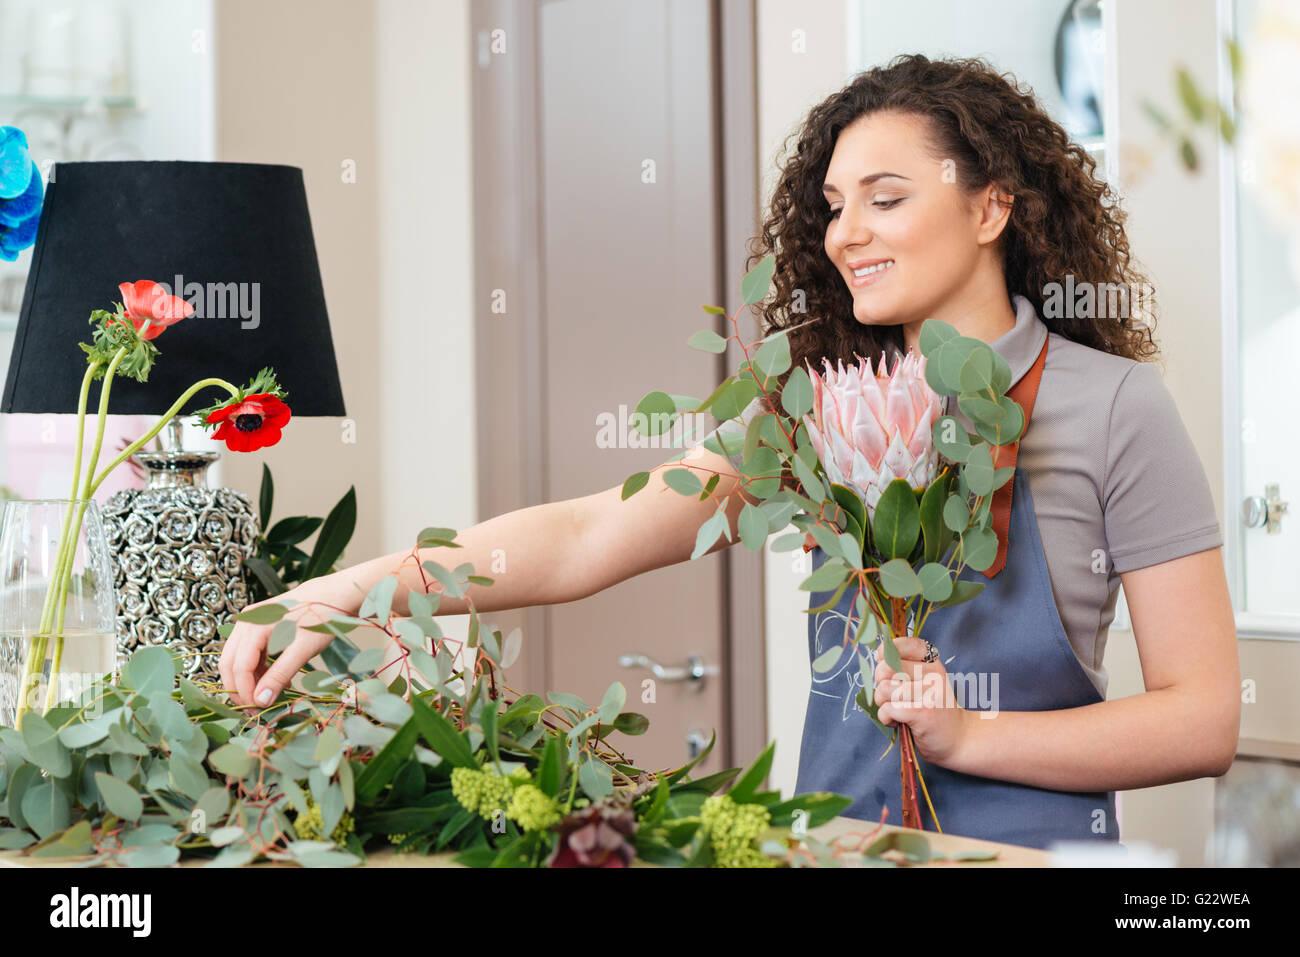 Glücklich attraktive junge Frau Floristen machen Blumenstrauß auf dem Tisch im shop Stockbild